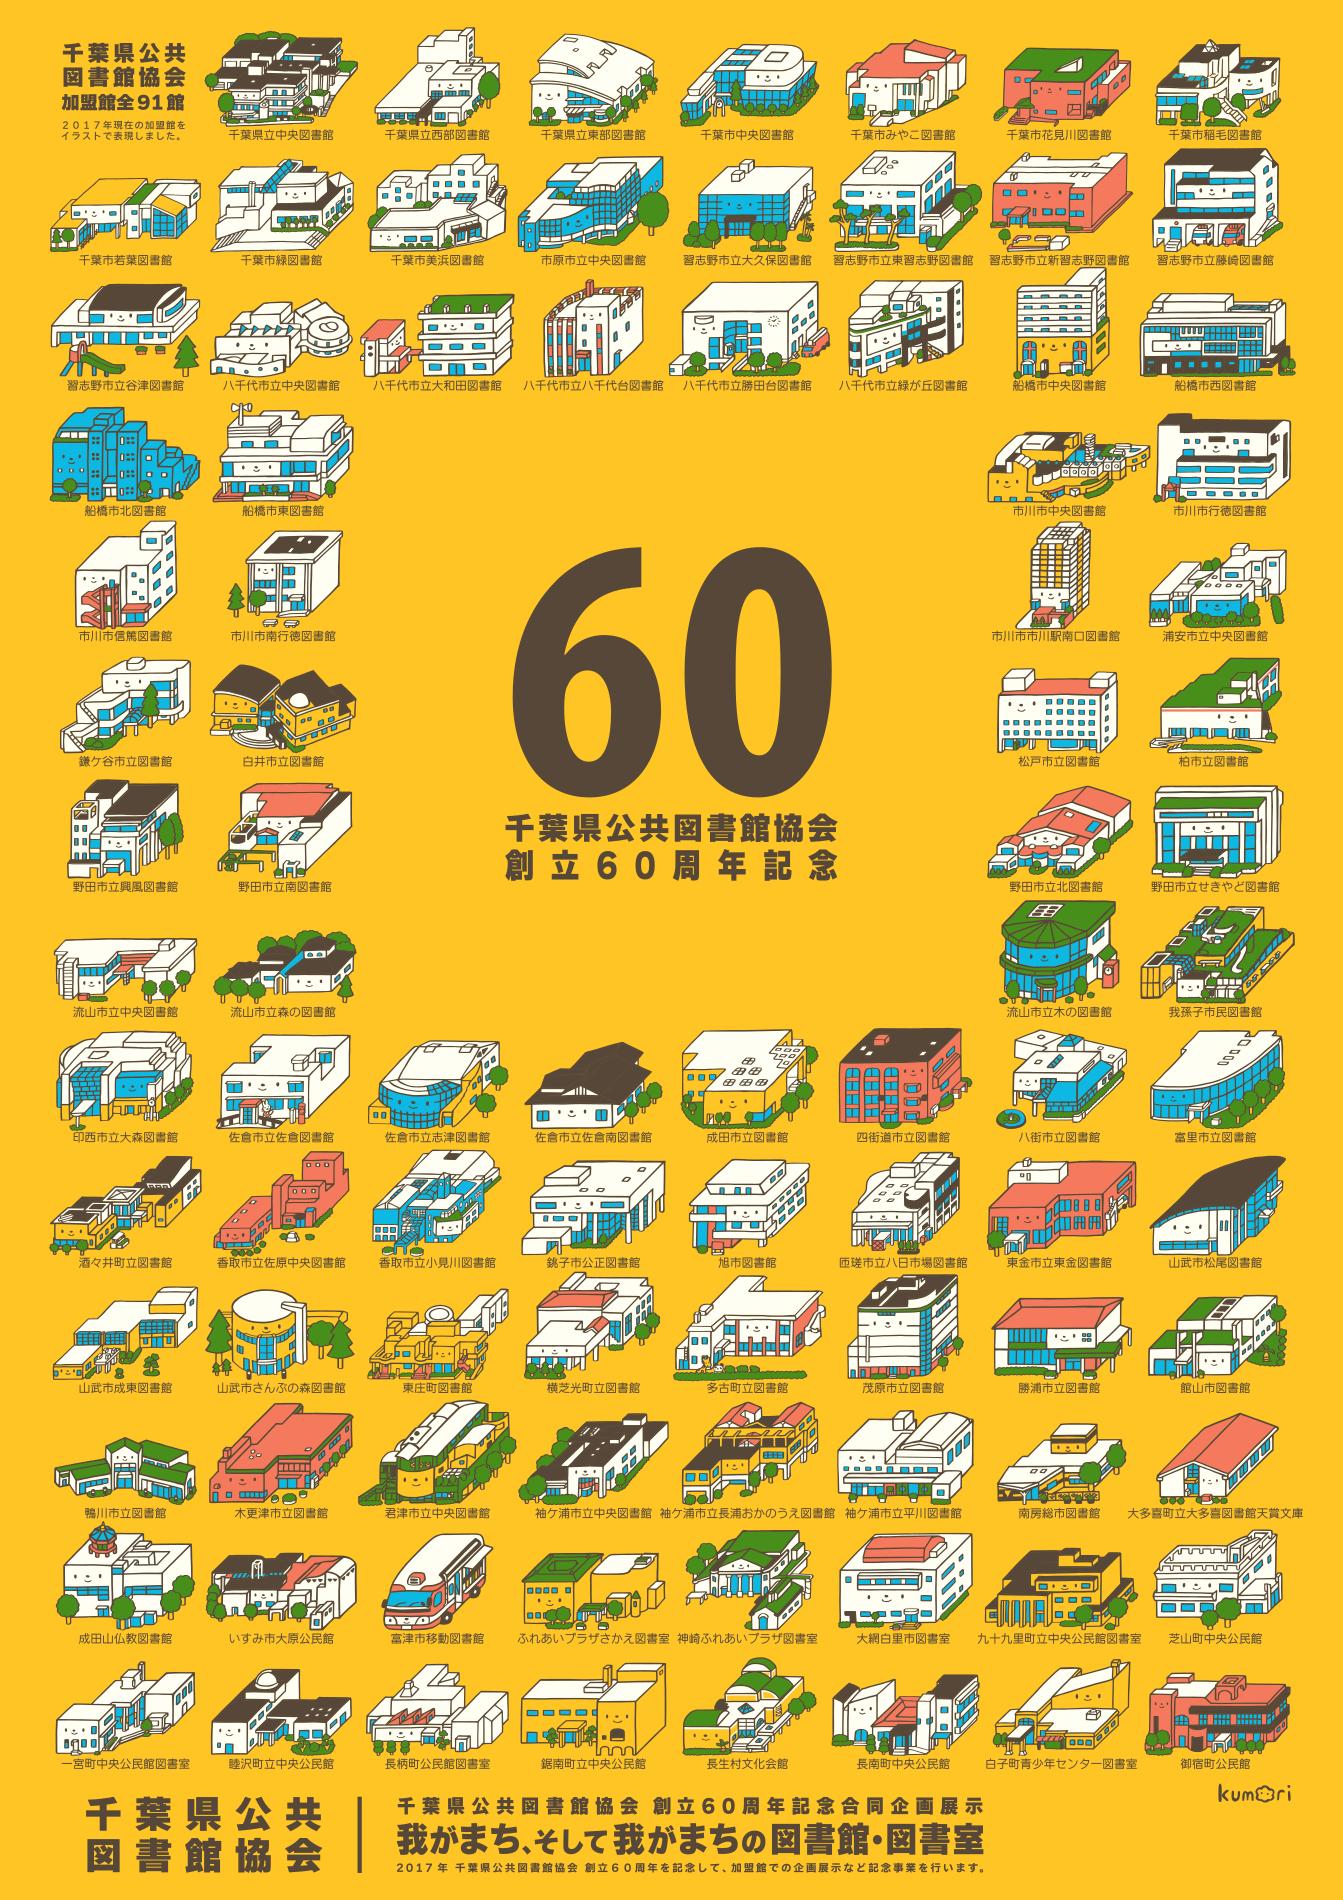 千葉県公共図書館協会 創立60周年記念ポスター。協会に加盟している91館をイラストで表現しています。